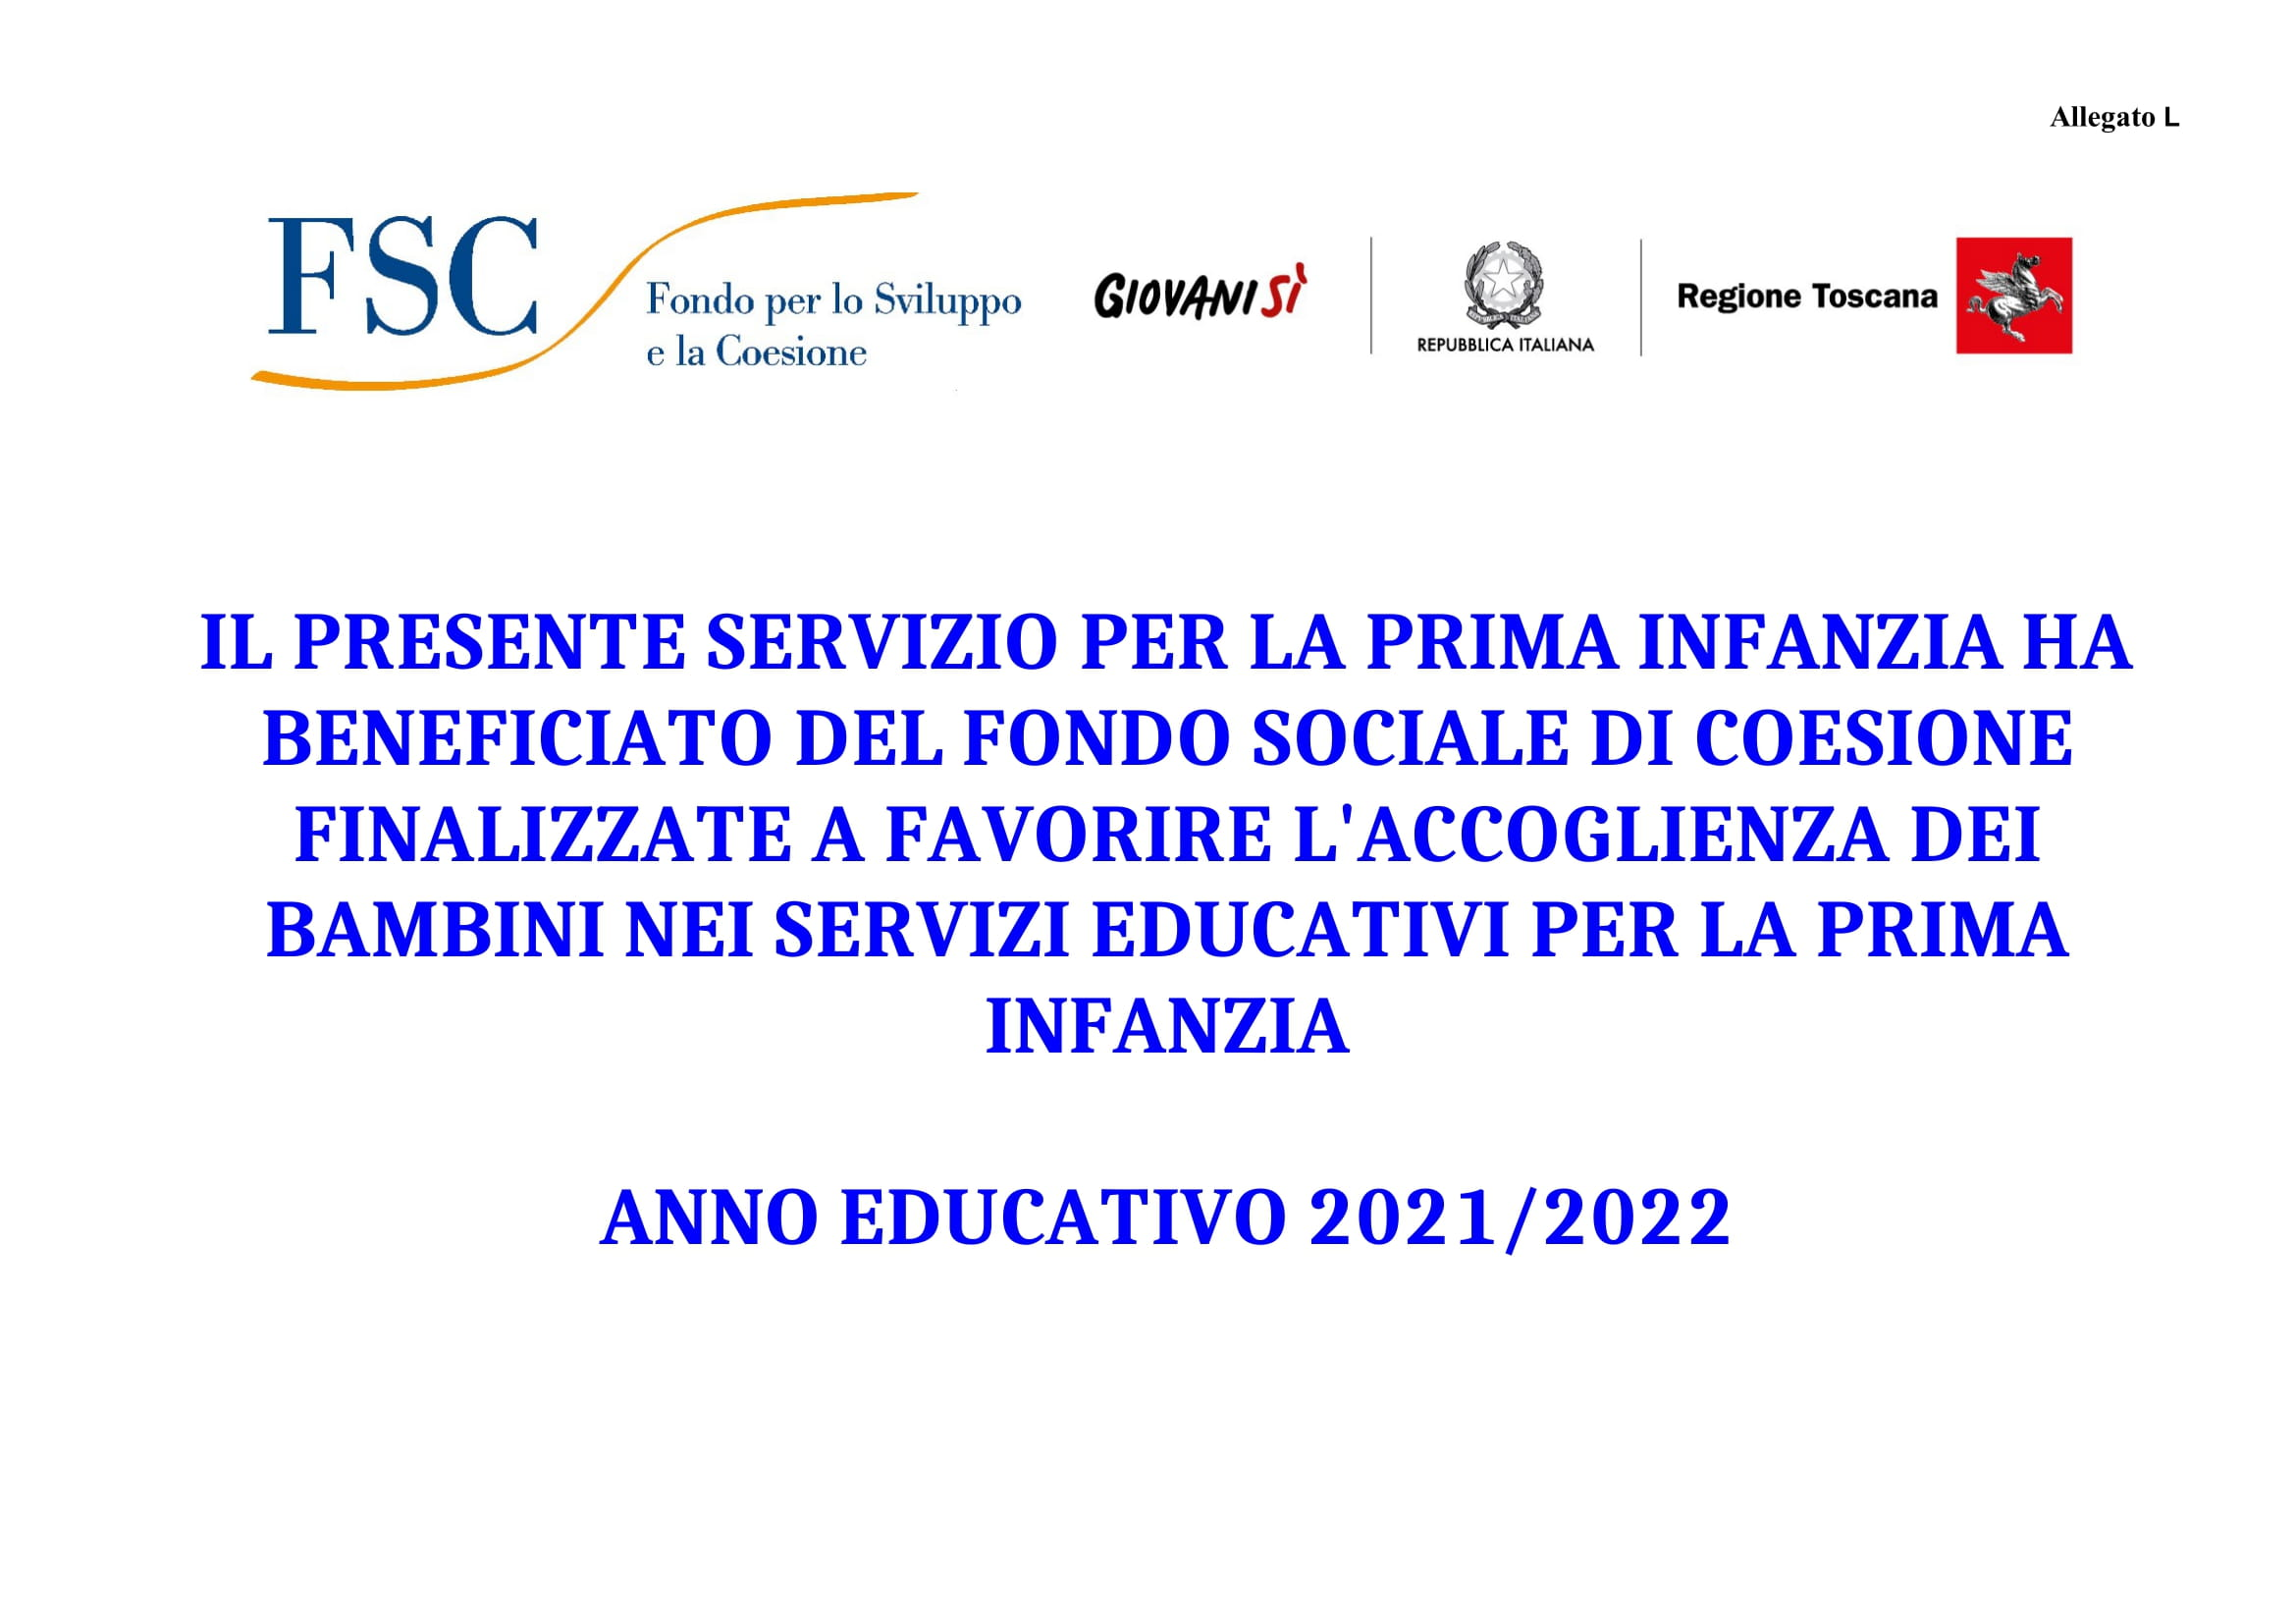 FONDO DI SVILUPPO E COESIONE (FSC) REGIONE TOSCANA - A.E 2021/2022